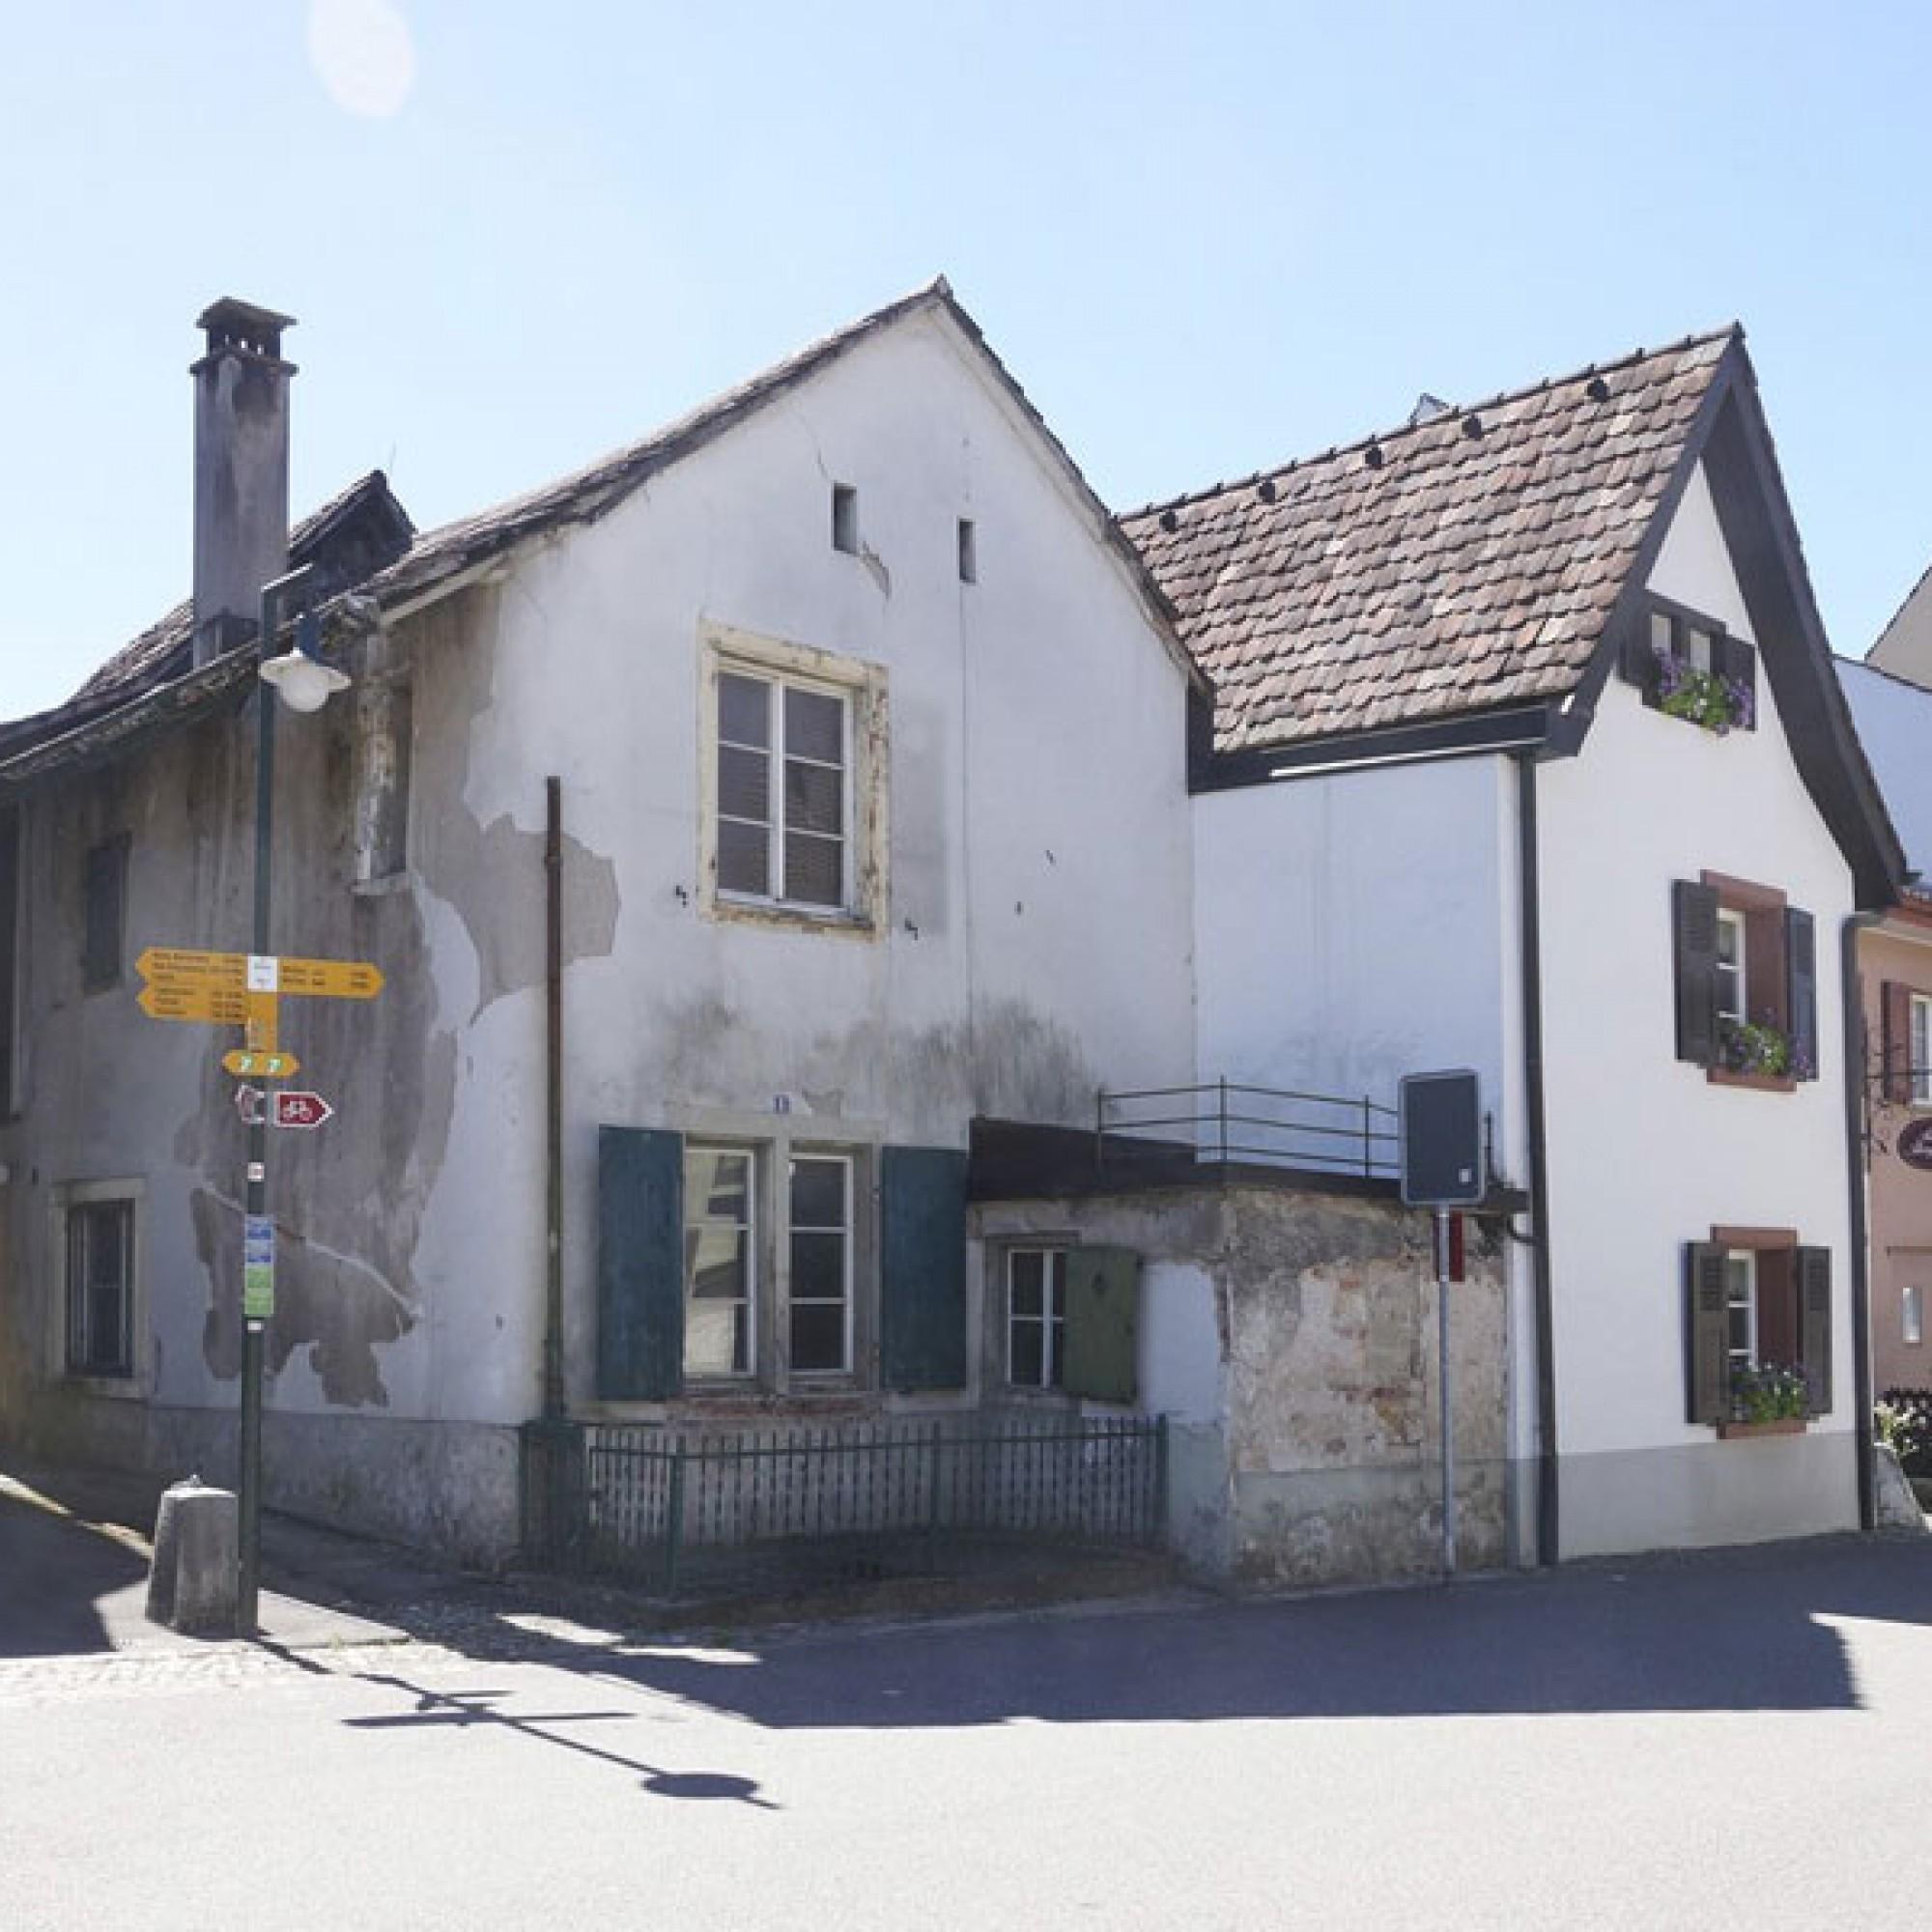 1/2 Das Haus an der Burggasse in Muttenz (Bildmitte). Das Nachbargebäude ist konstruktiv mit ihm verbunden, archäologisch jedoch nicht untersucht (Archäologie Baselland)